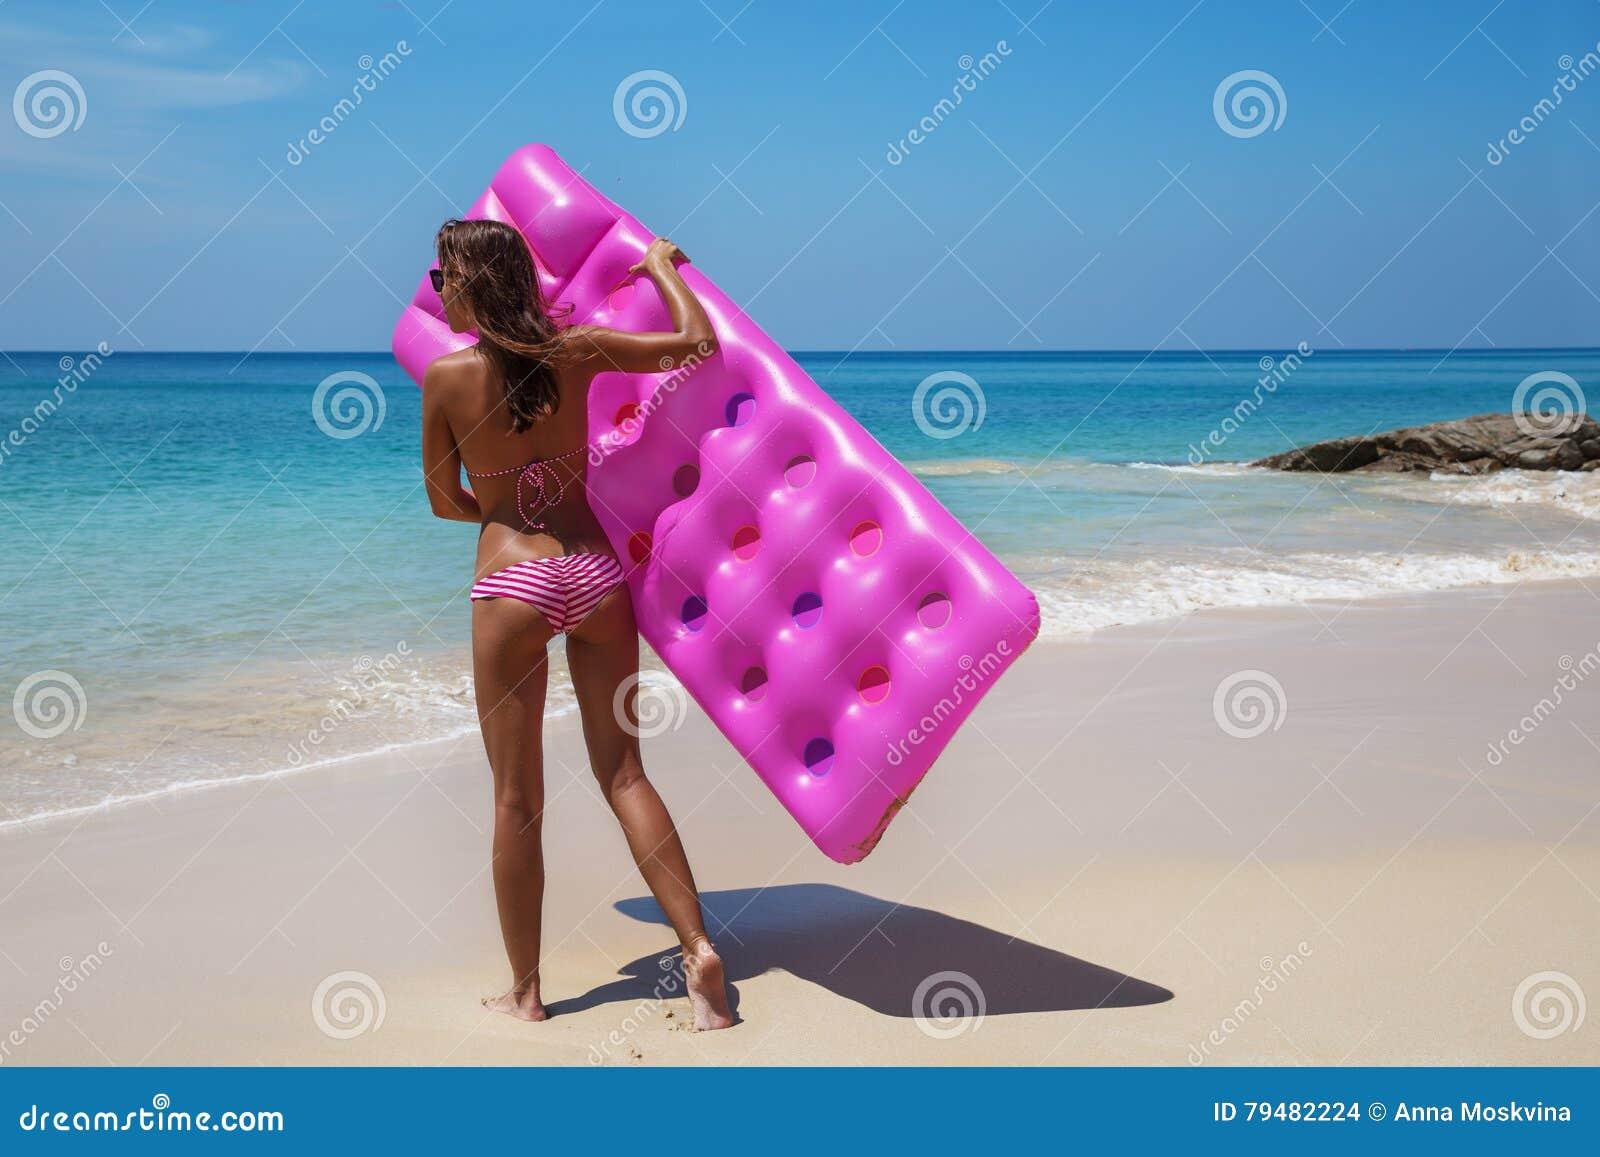 Gli occhiali da sole castana della donna prendono il sole con il materasso di aria sulla spiaggia tropicale